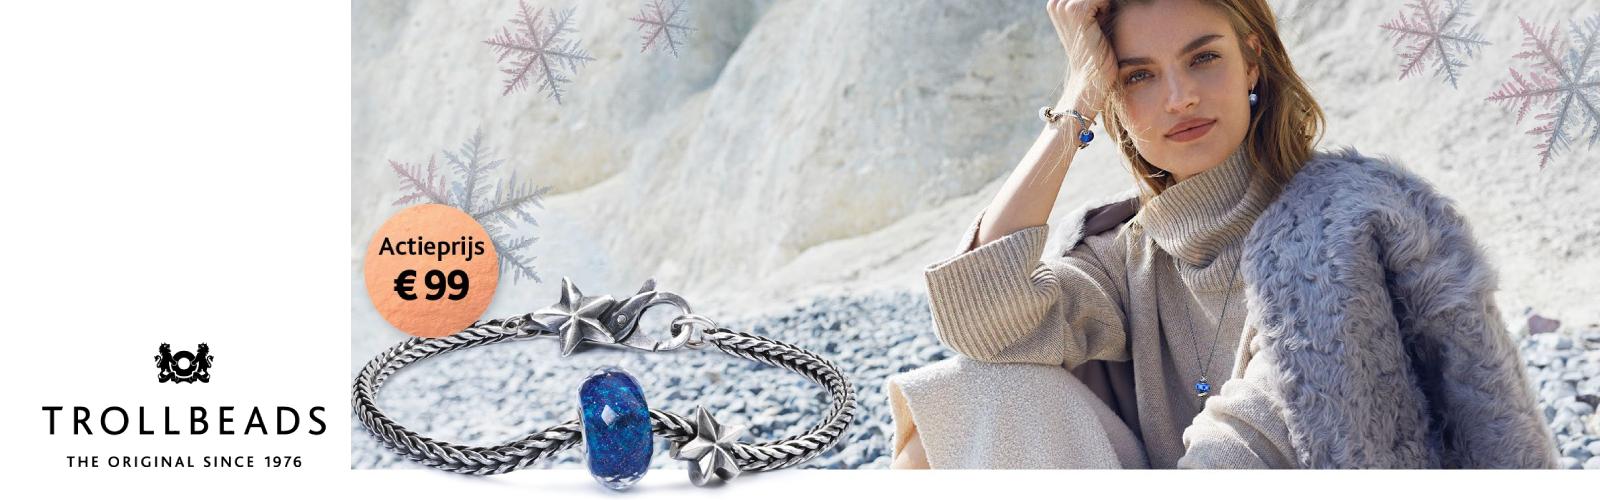 trollbeads-sieraden,-armbanden,-hangers,-kralen-actiearmband-winter-bij-Wolters-Juweliers-Coevorden-Emmen